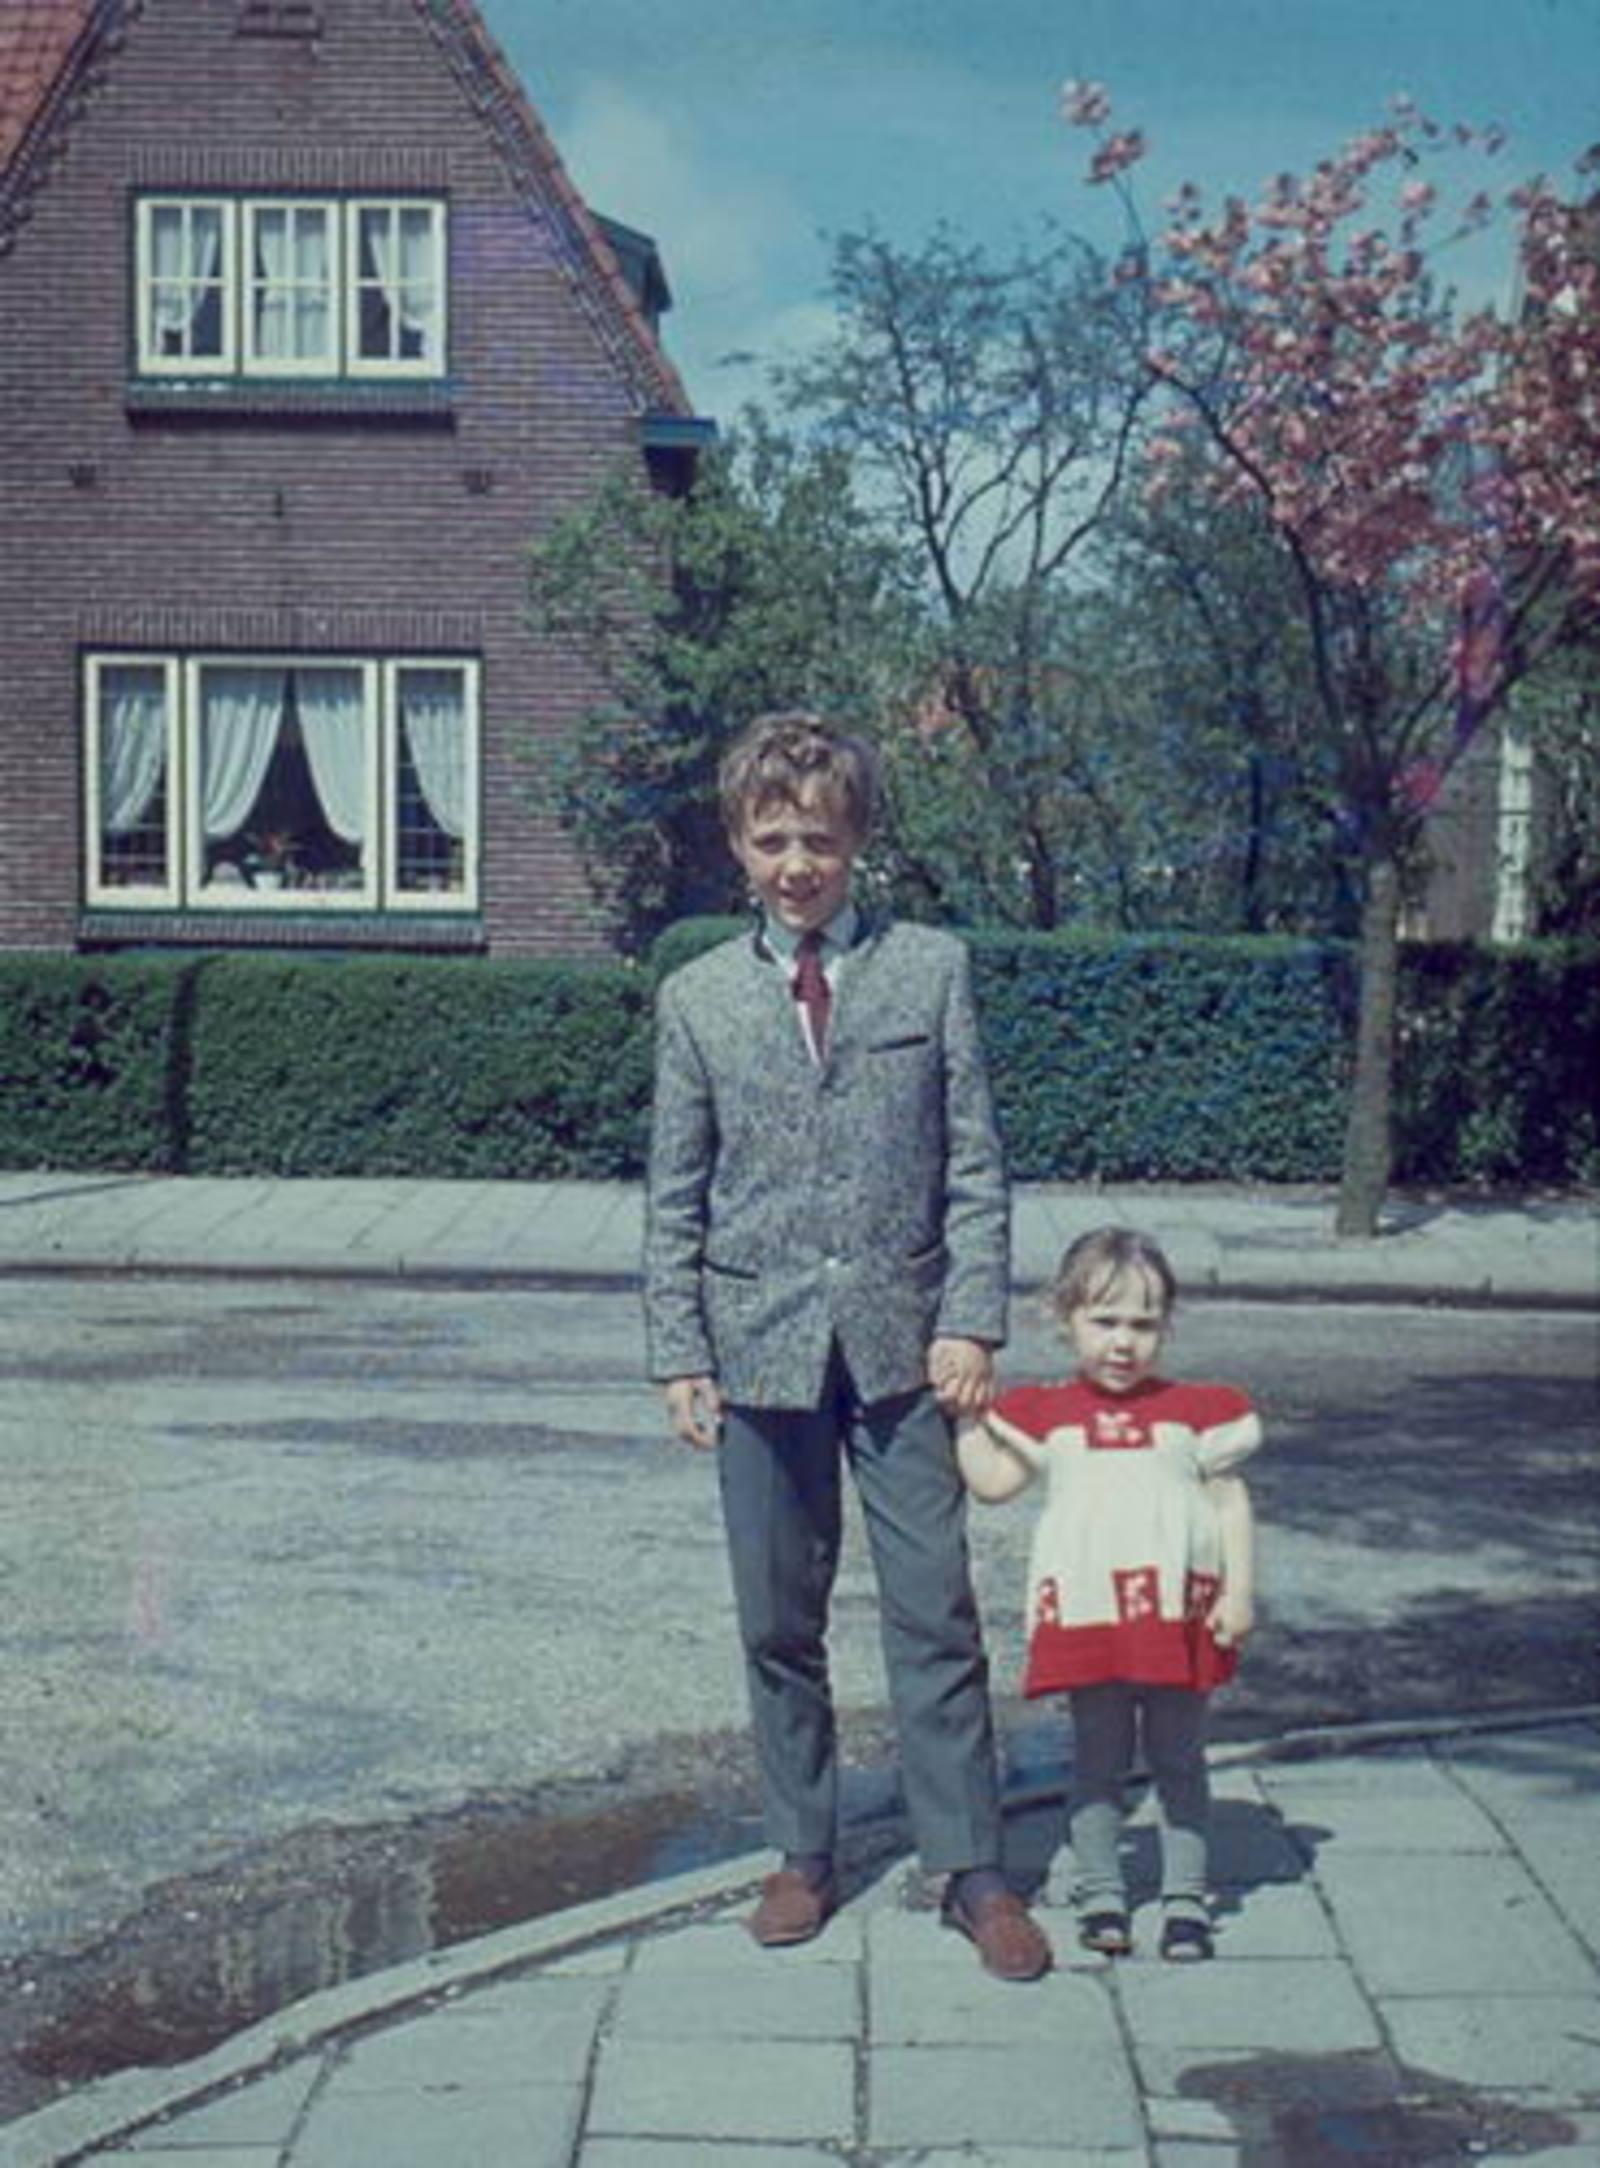 Nieuweweg W 0033 1965± Huize Hoogstraten met Kinderen Mannessen